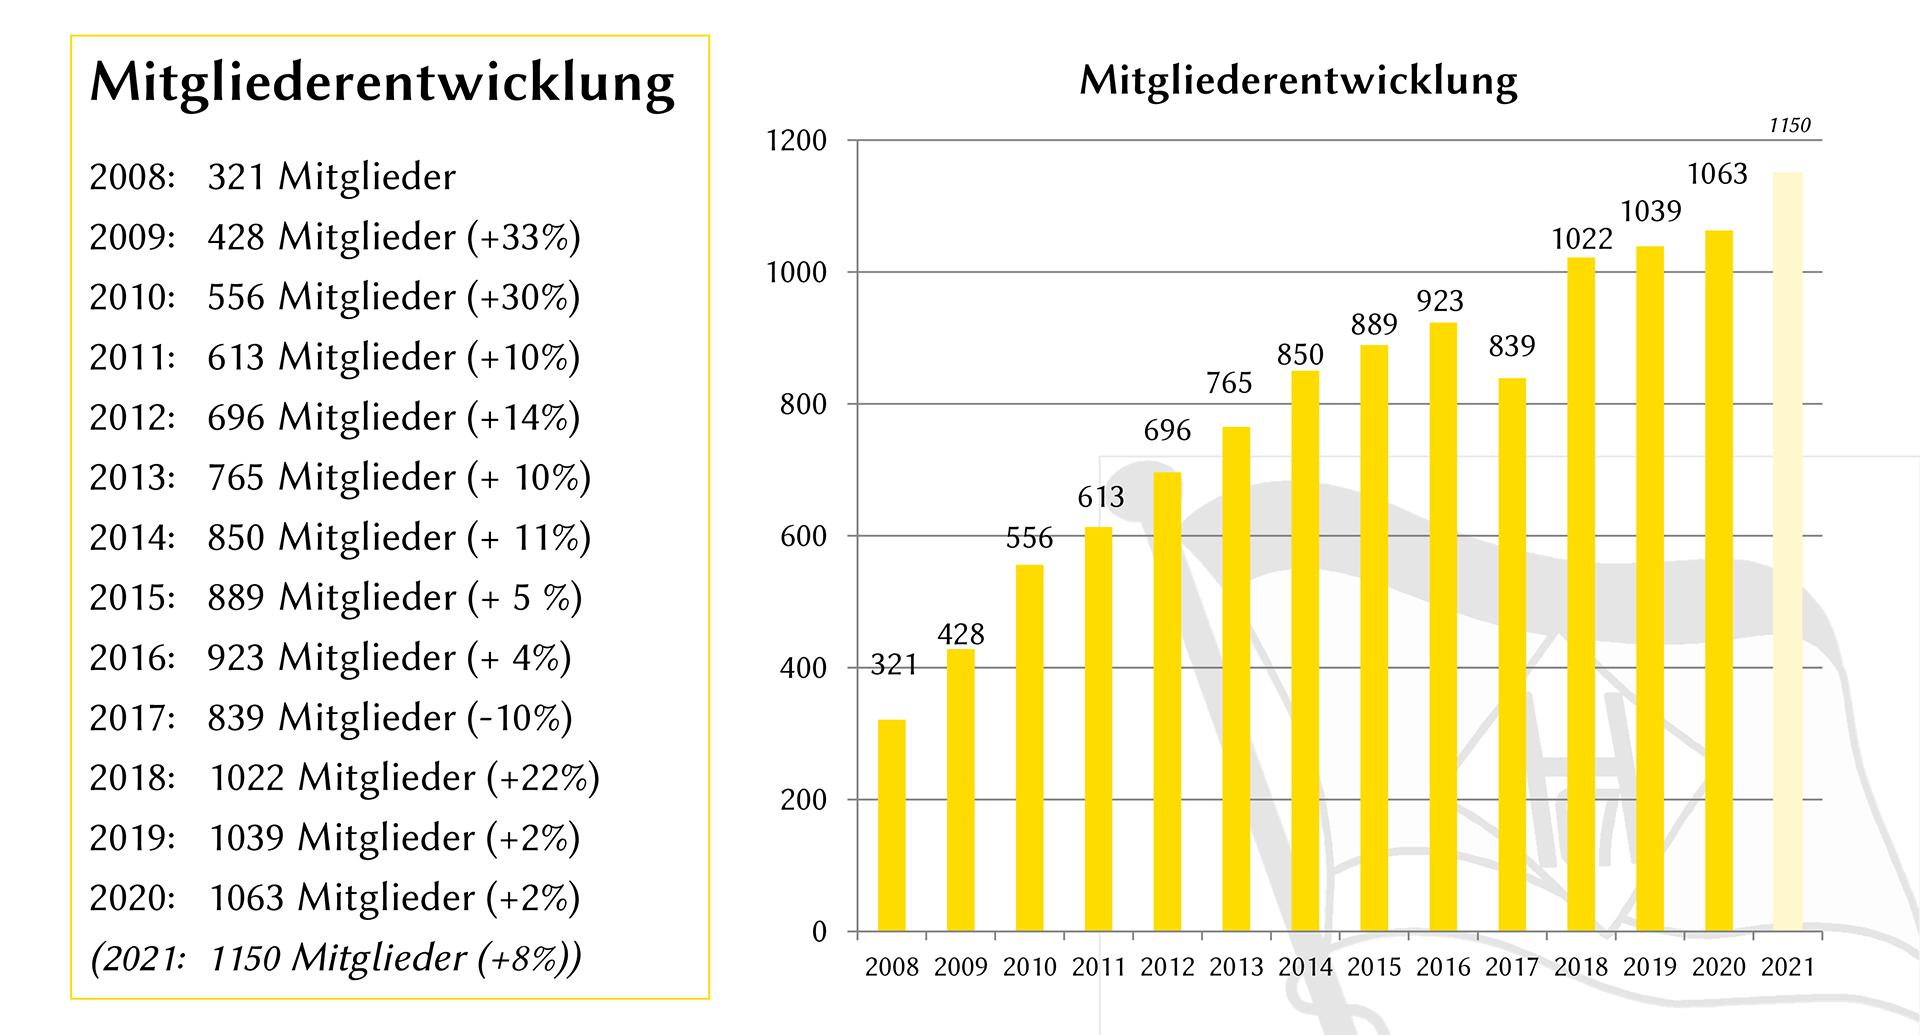 Mitgliederentwicklung 2021 FSV Hansa07 Berlin e.V.